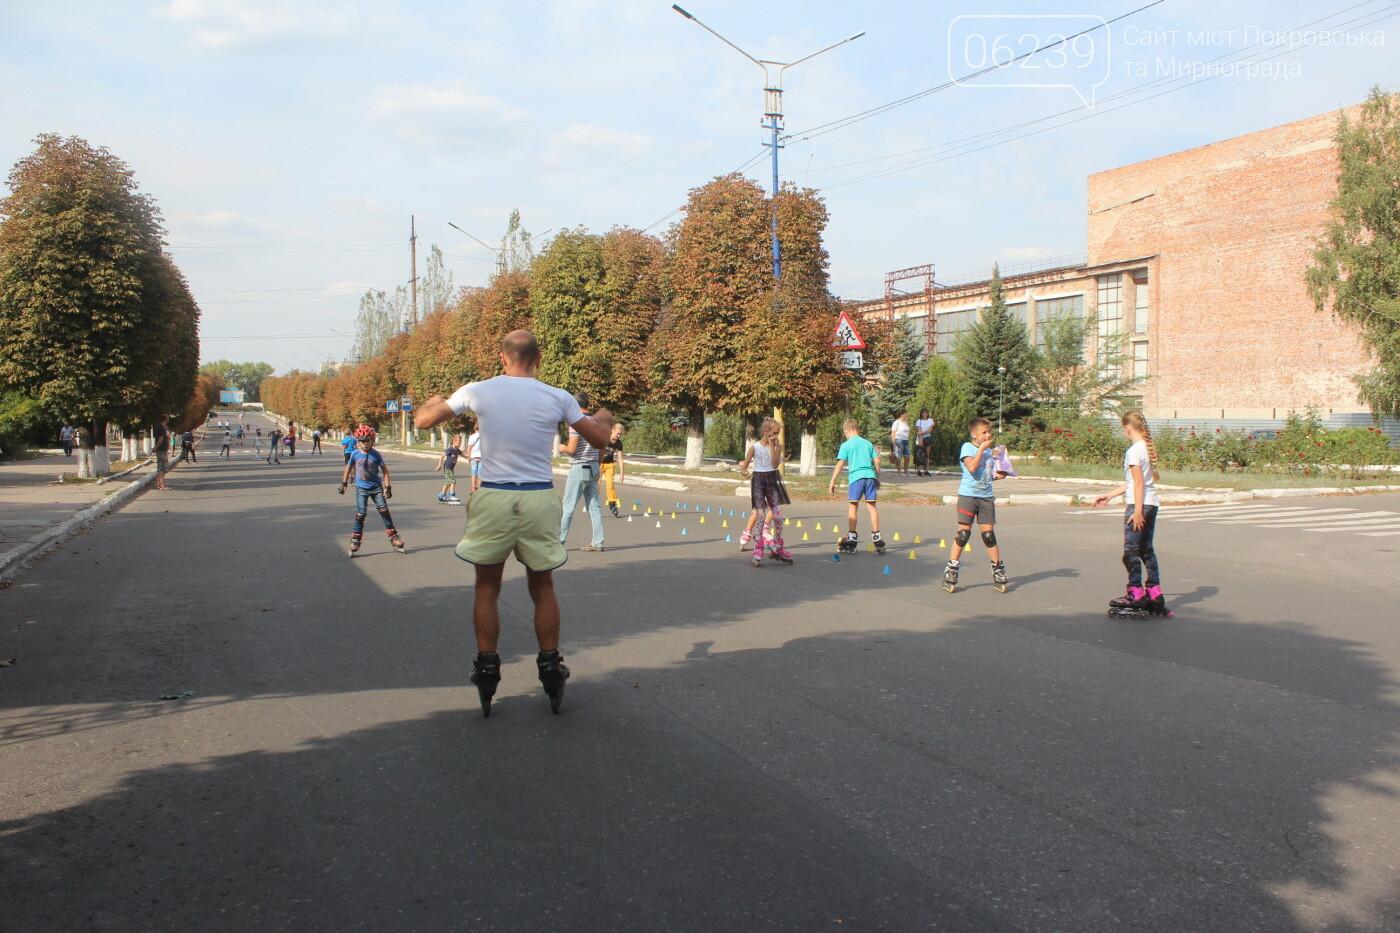 «Ролерфест» и соревнования: в Мирнограде отметили День физкультуры и спорта , фото-8